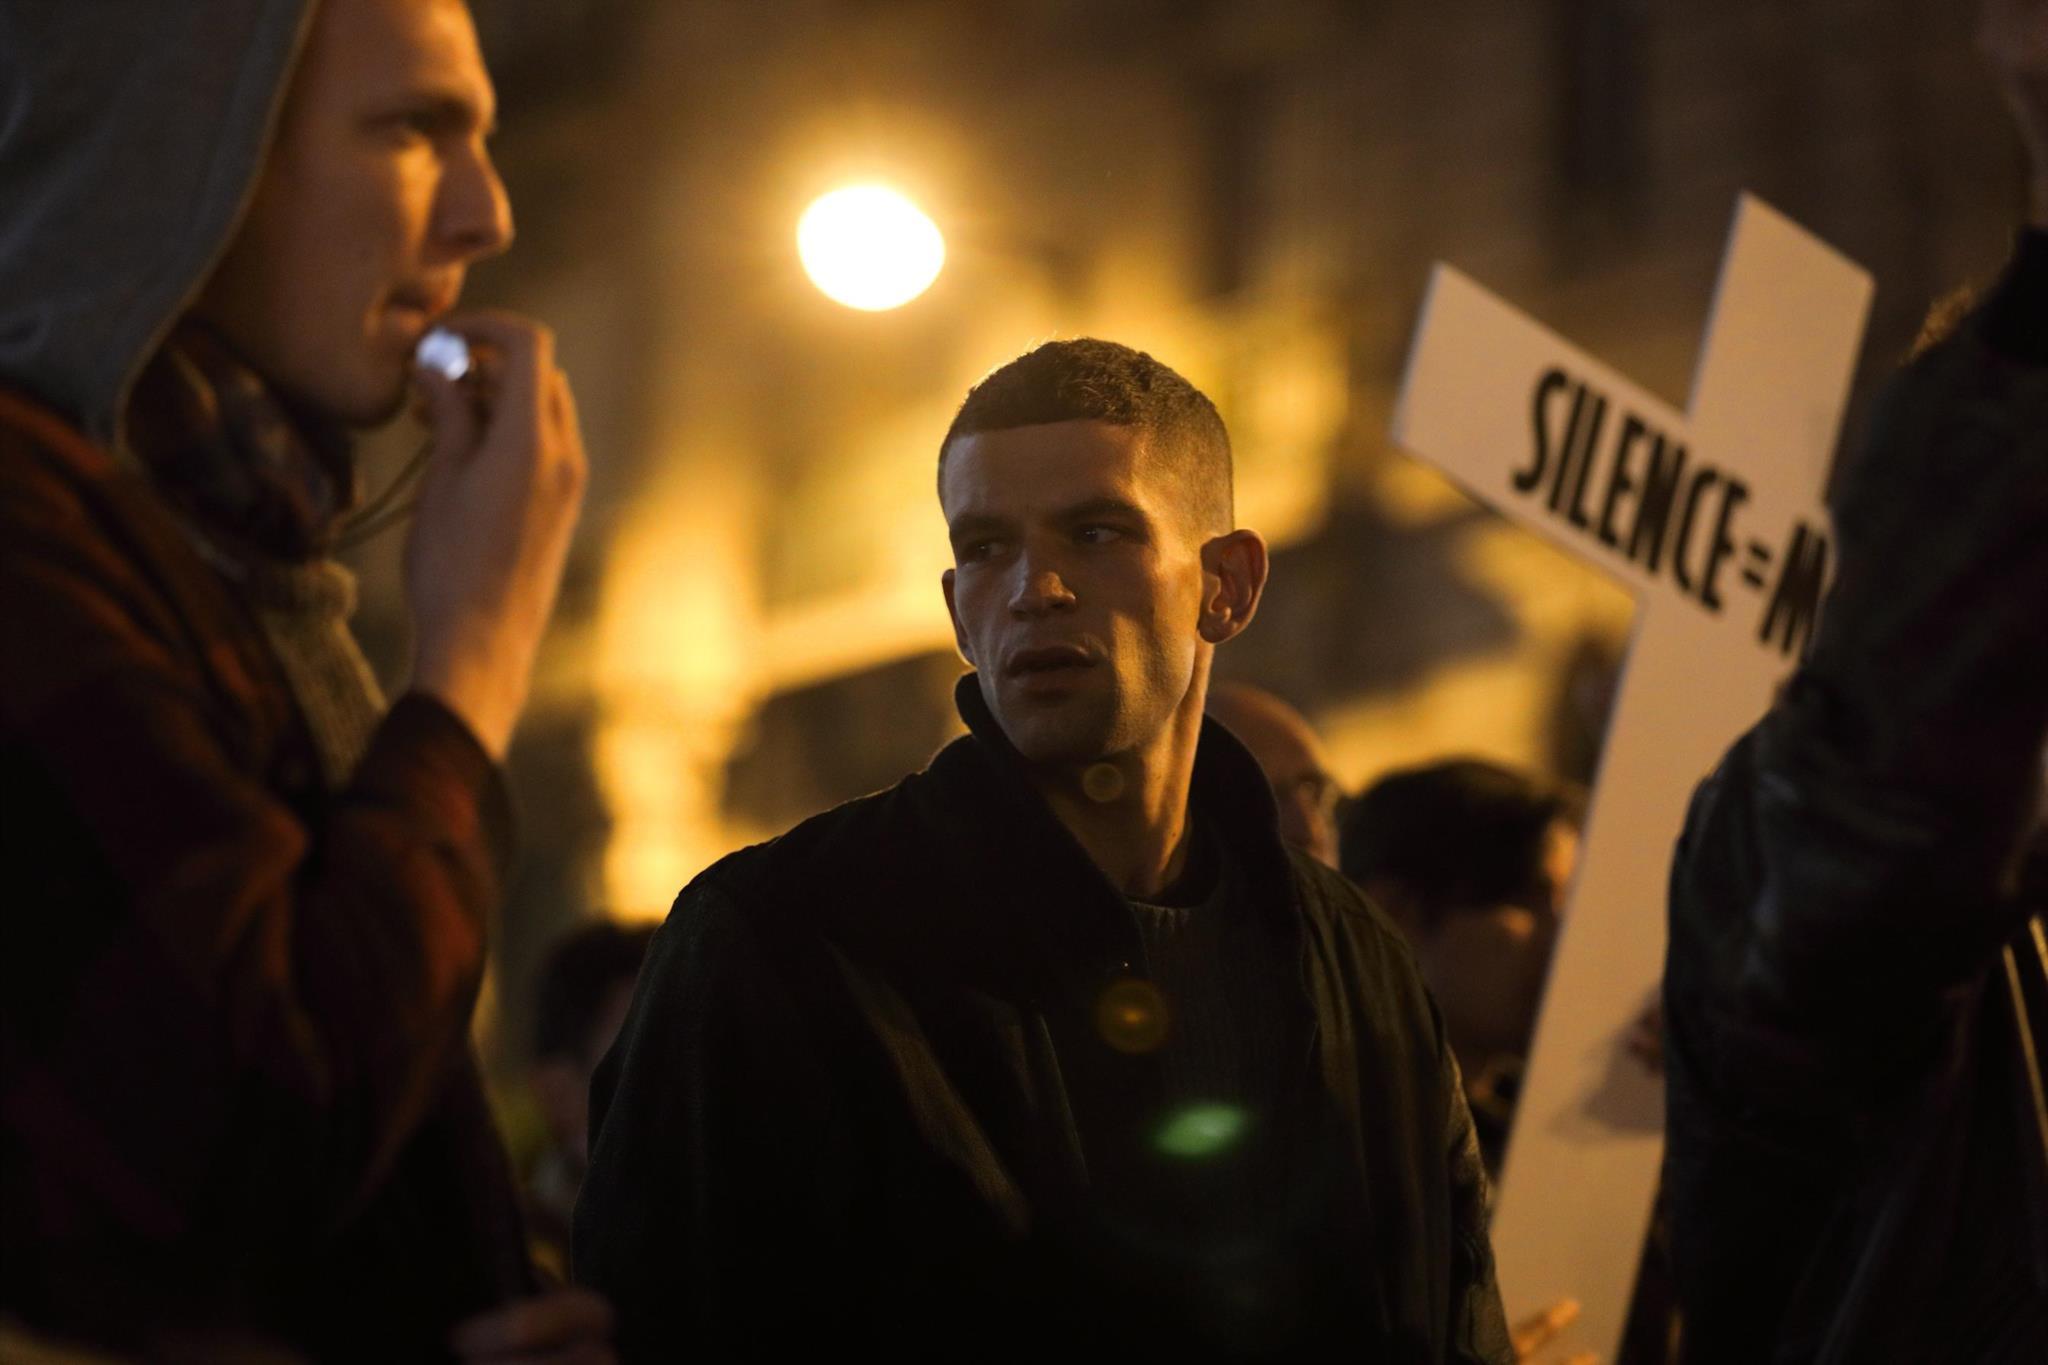 PÚBLICO - Cannes 70: onde baterá o coração do júri de Pedro Almodóvar?